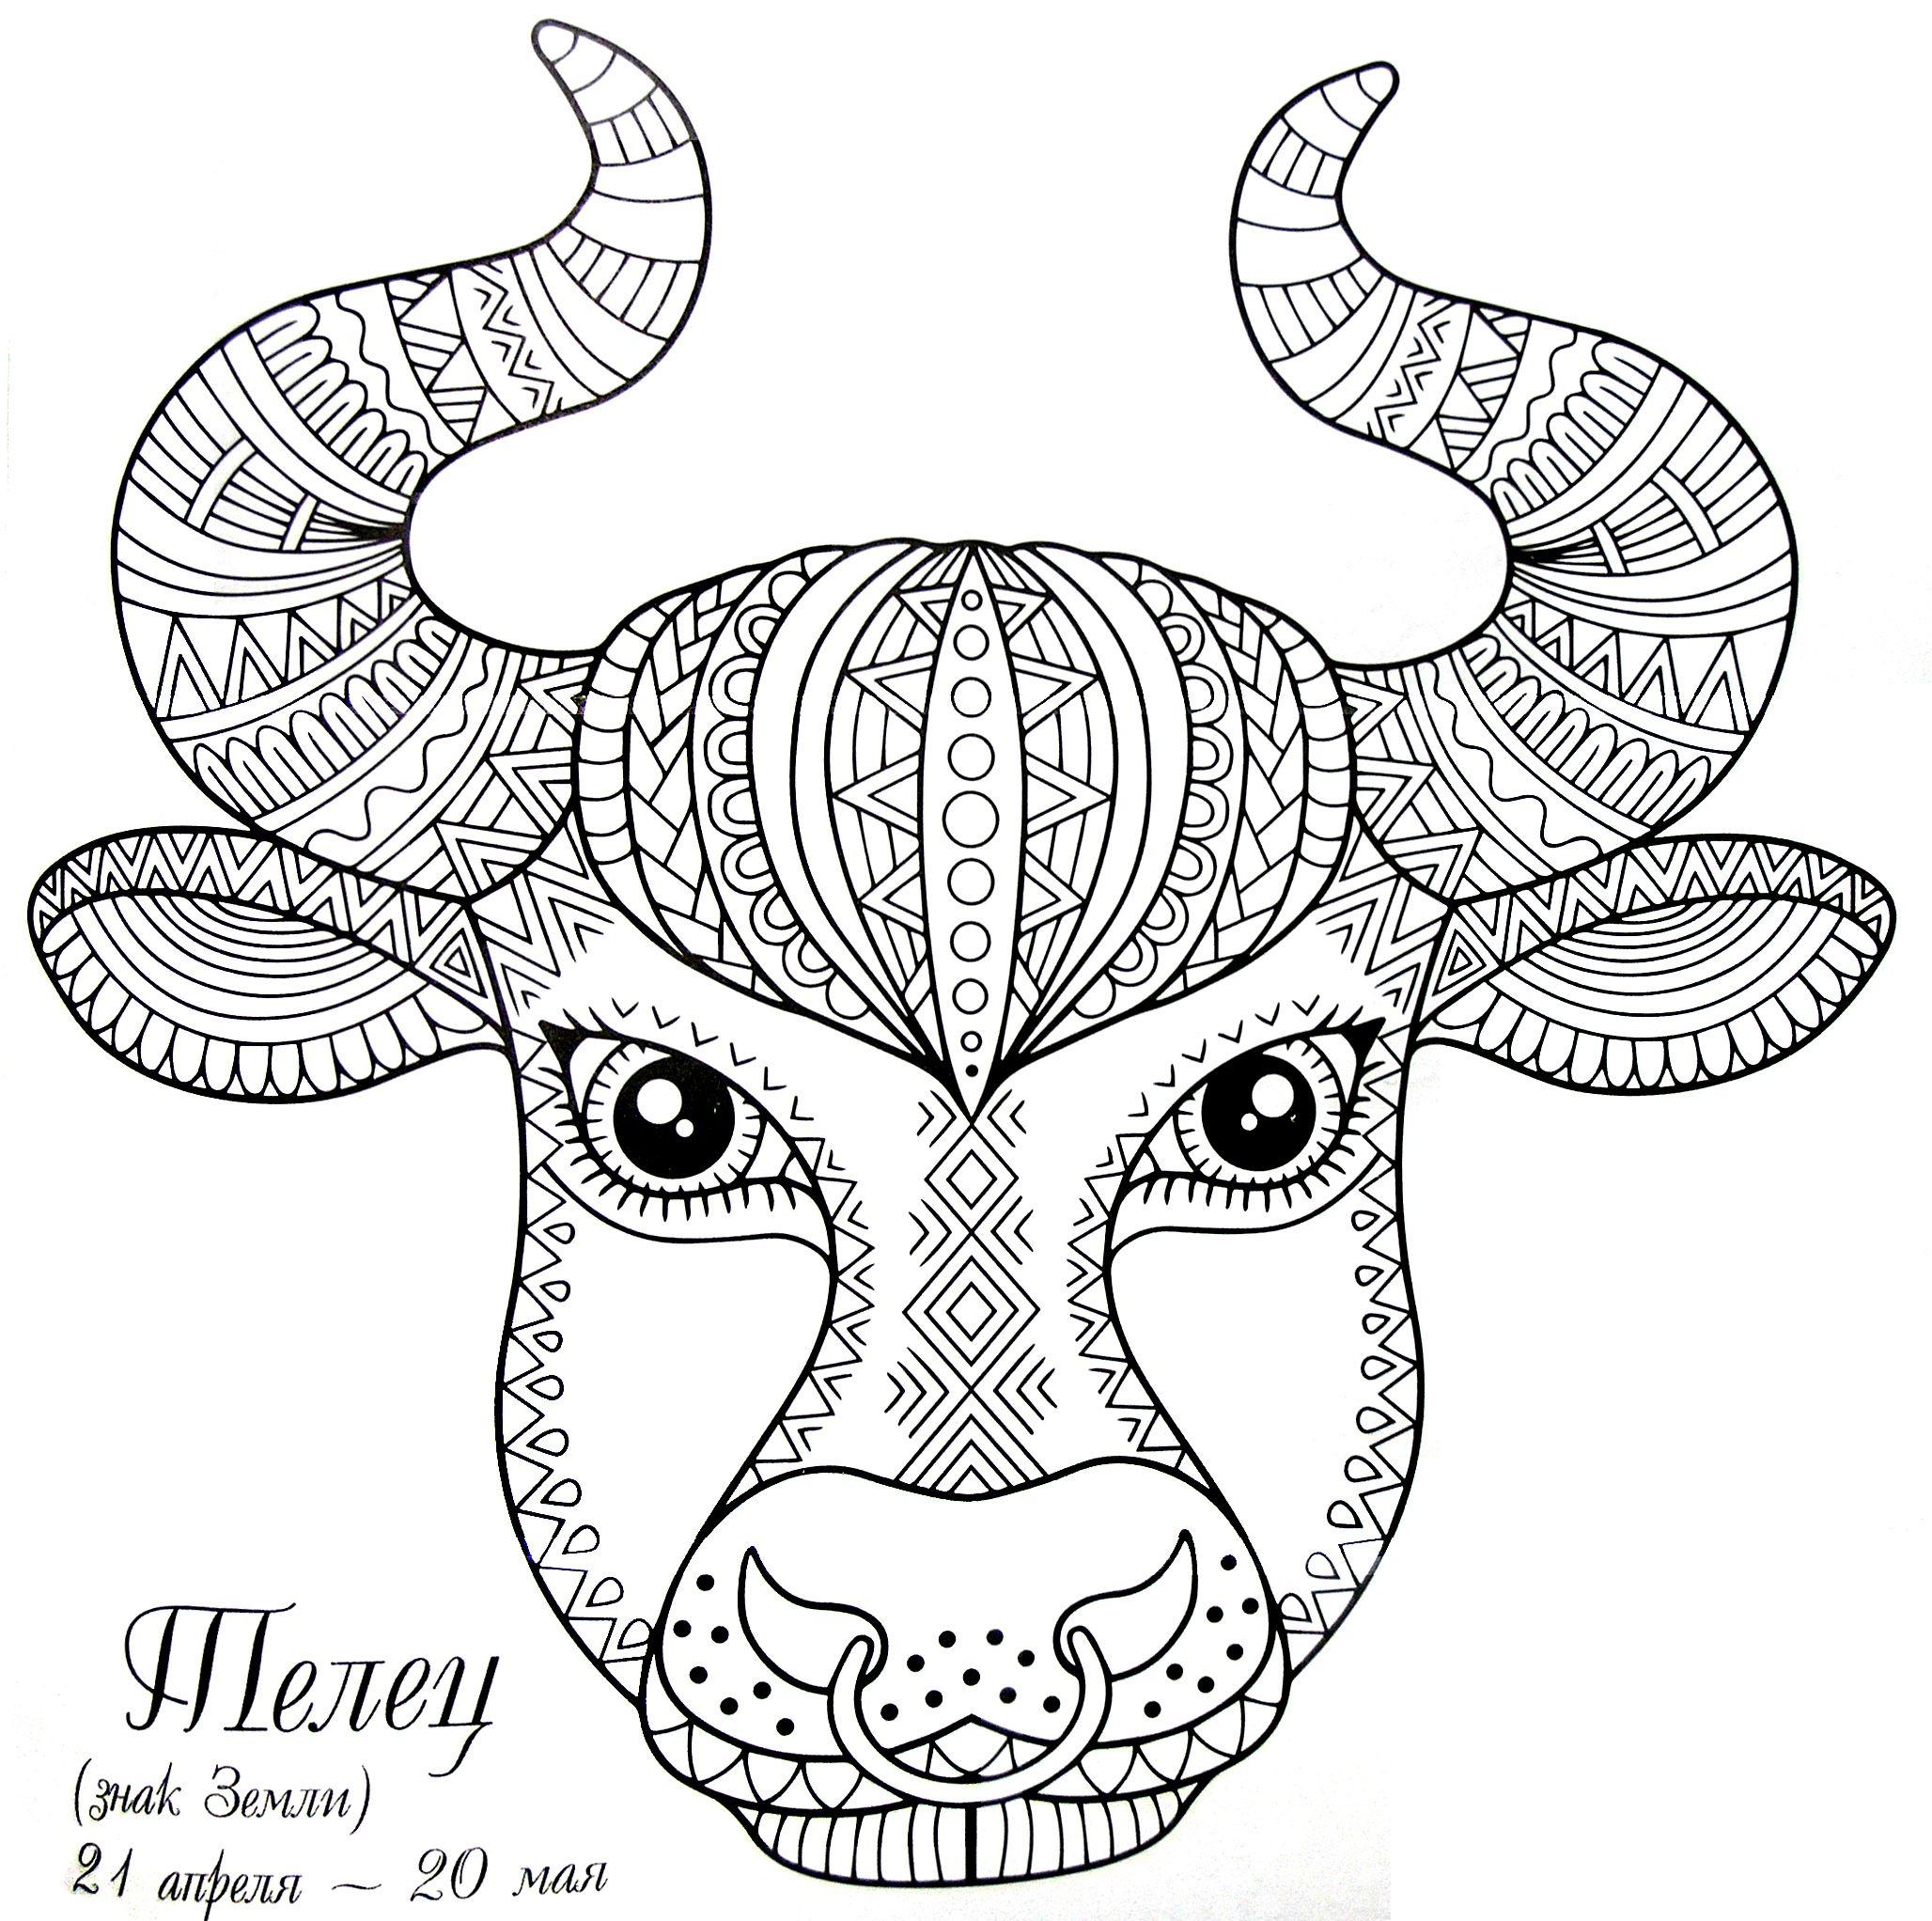 бык-1.jpg (2056×2044) | Книжка-раскраска, Раскраски, Рисунки